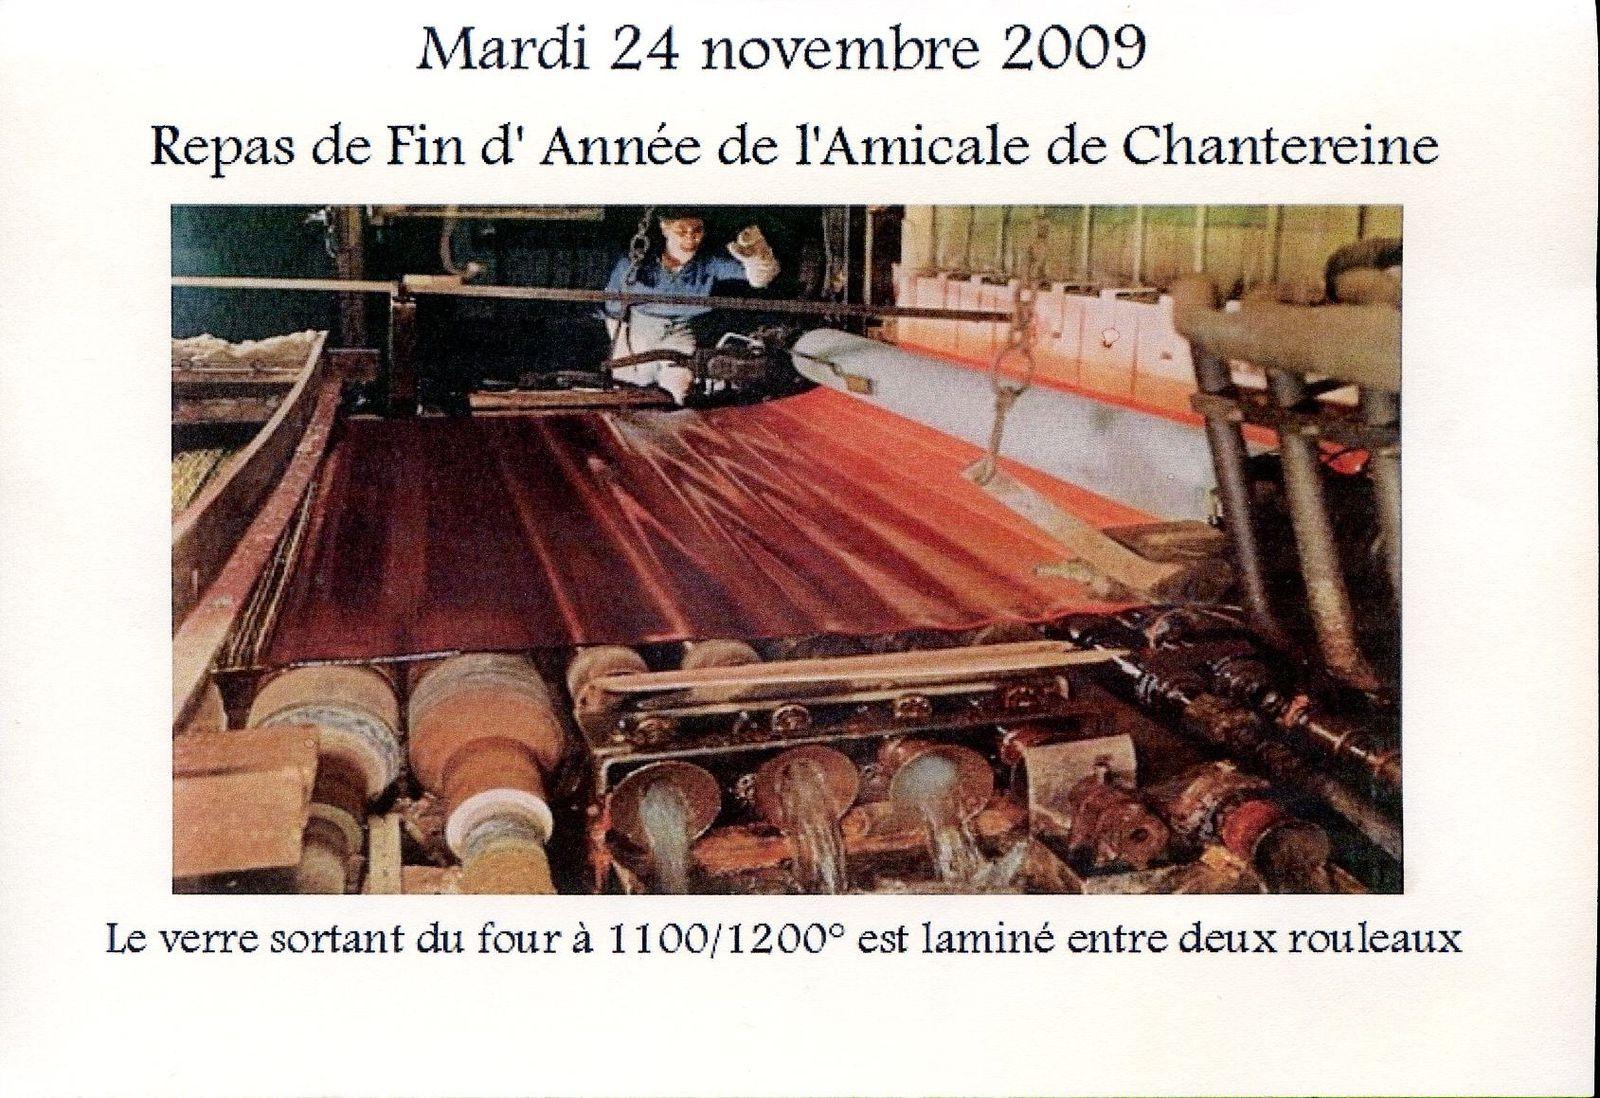 Album - Chantereine, l'Amicale des retraités de Chantereine, repas de fin d'année, 24 novembre 2009